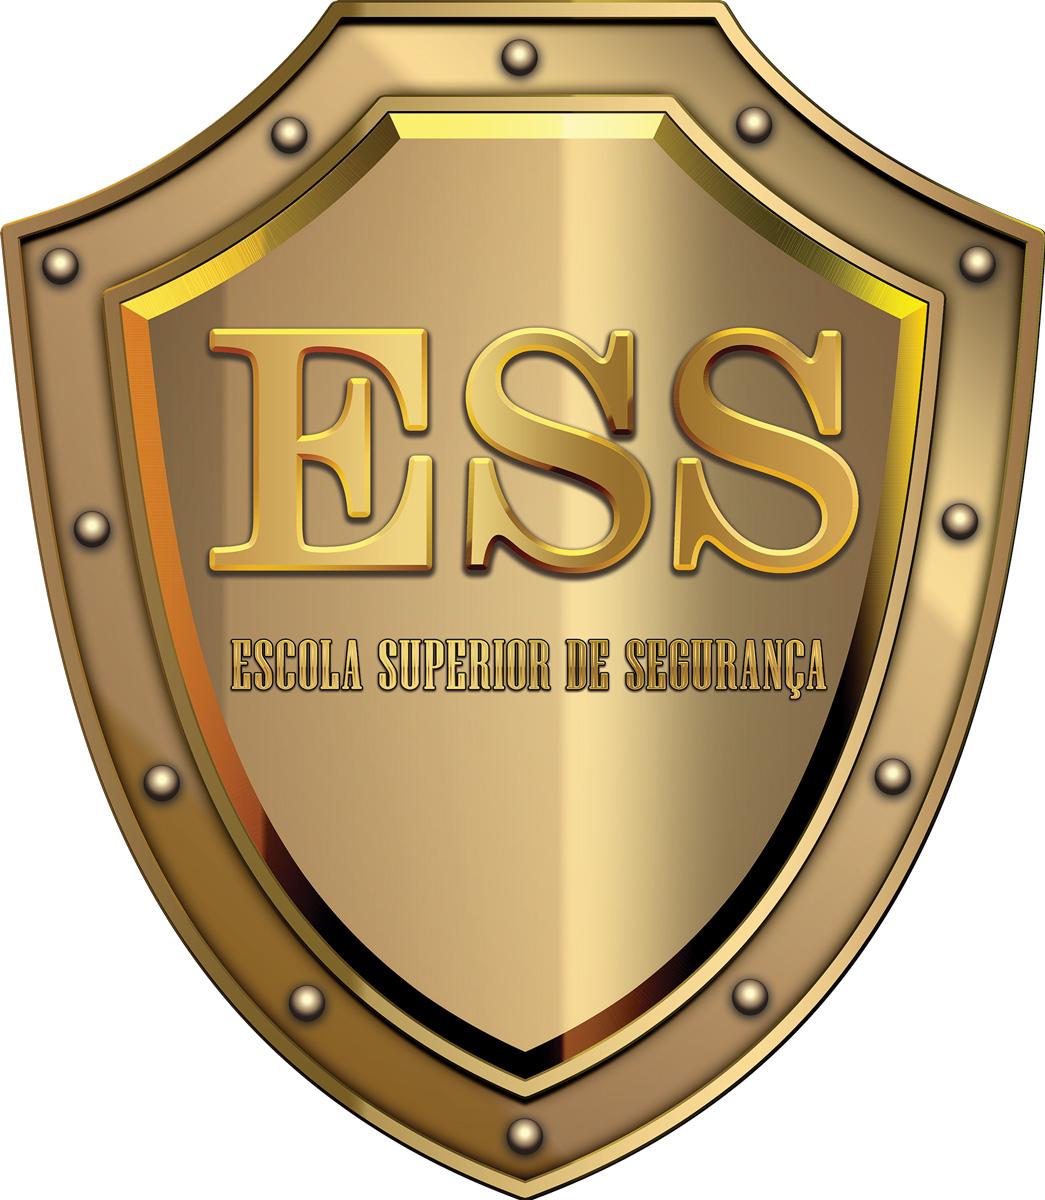 ESS - Escola Superior de Segurança